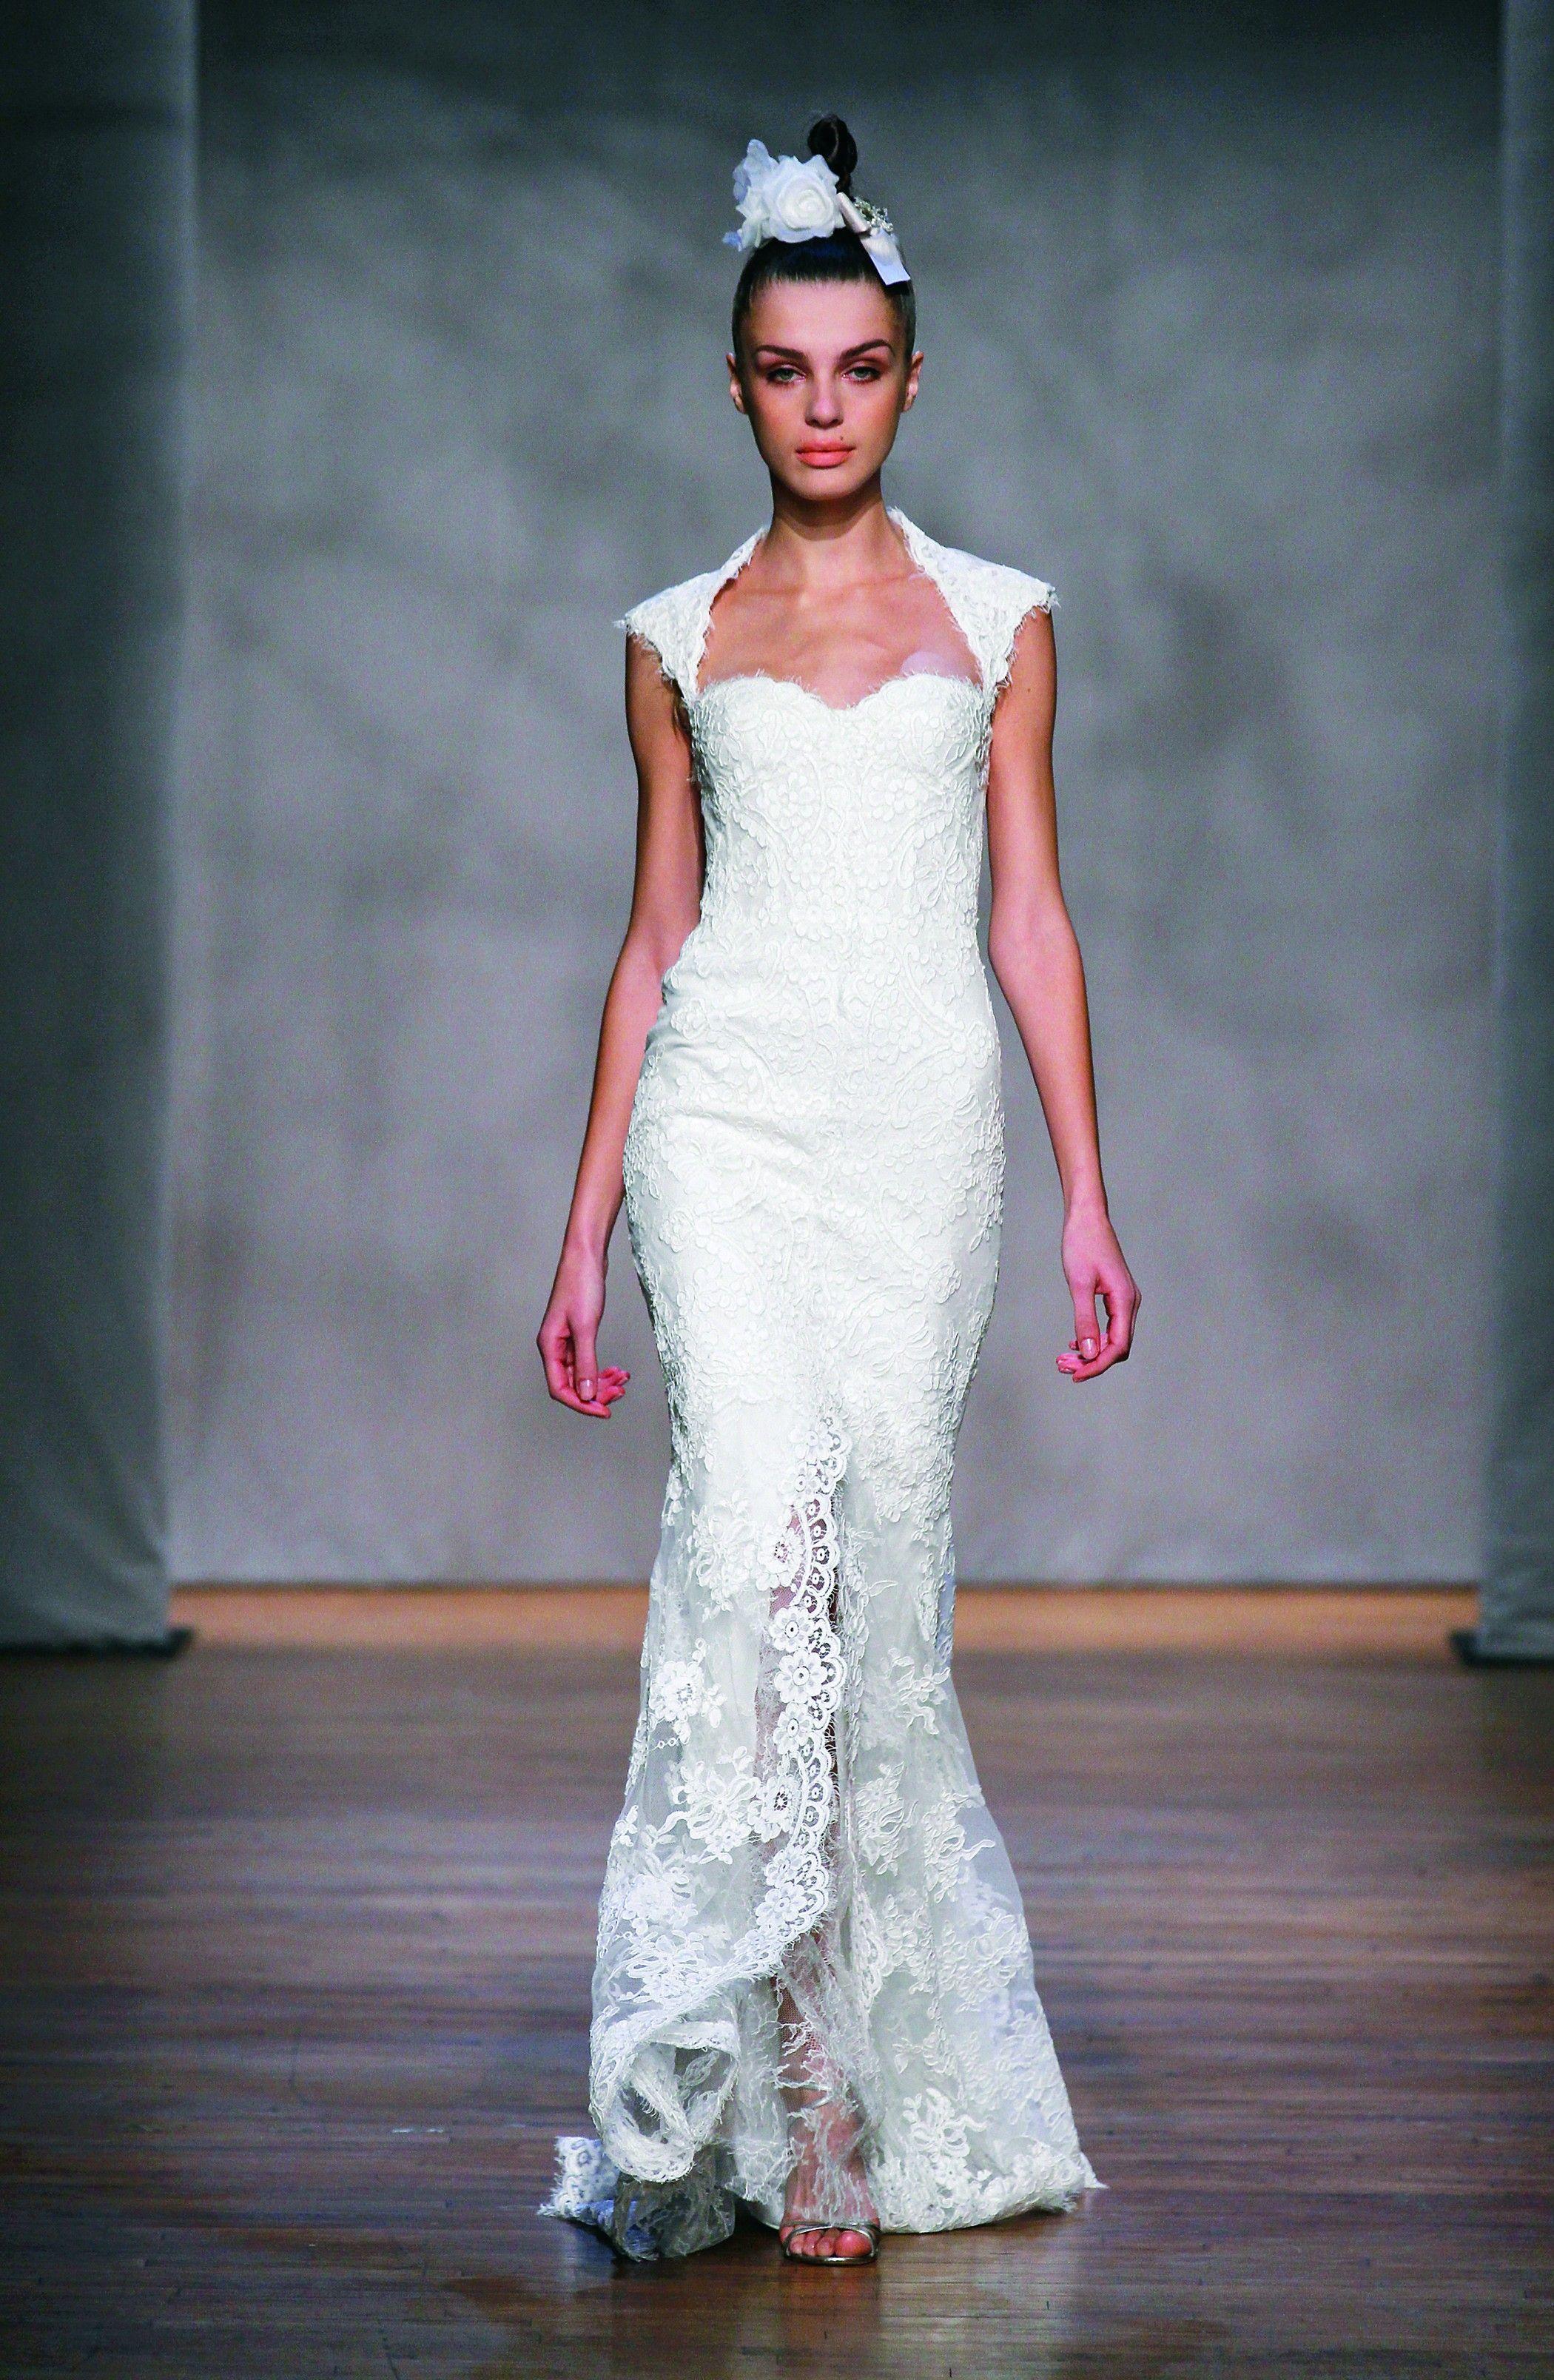 Monique Lhuillier Amaranth Size 3 Wedding Dress | Monique lhuillier ...